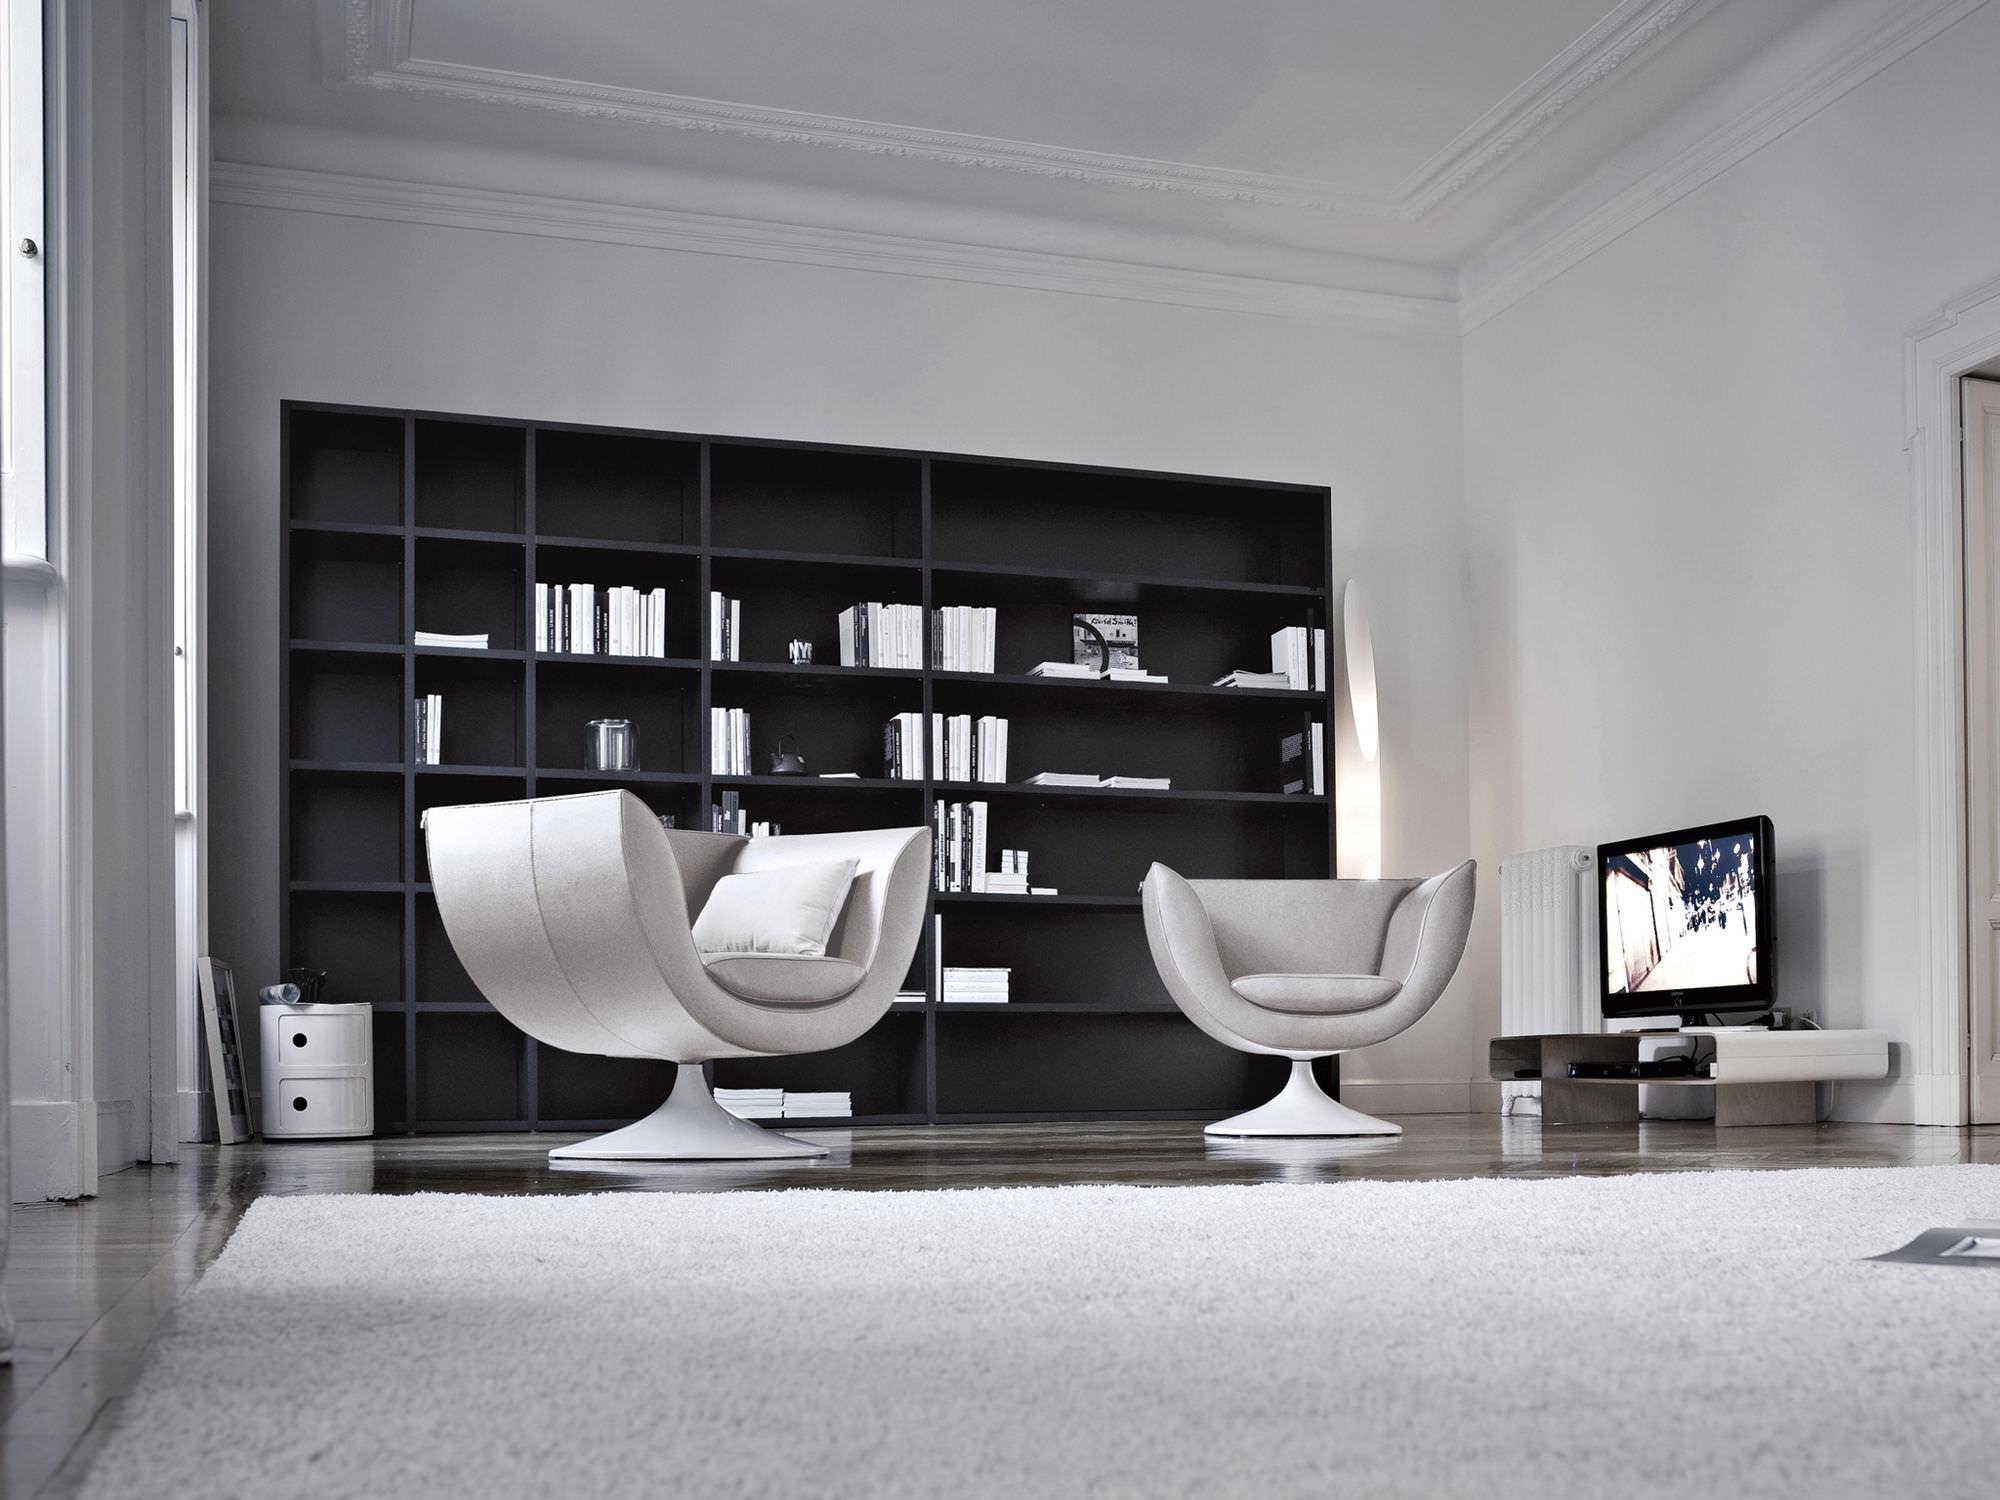 Karim Rashid chair design by karim rashid Amazing Chair Design by Karim Rashid 57338 8556194